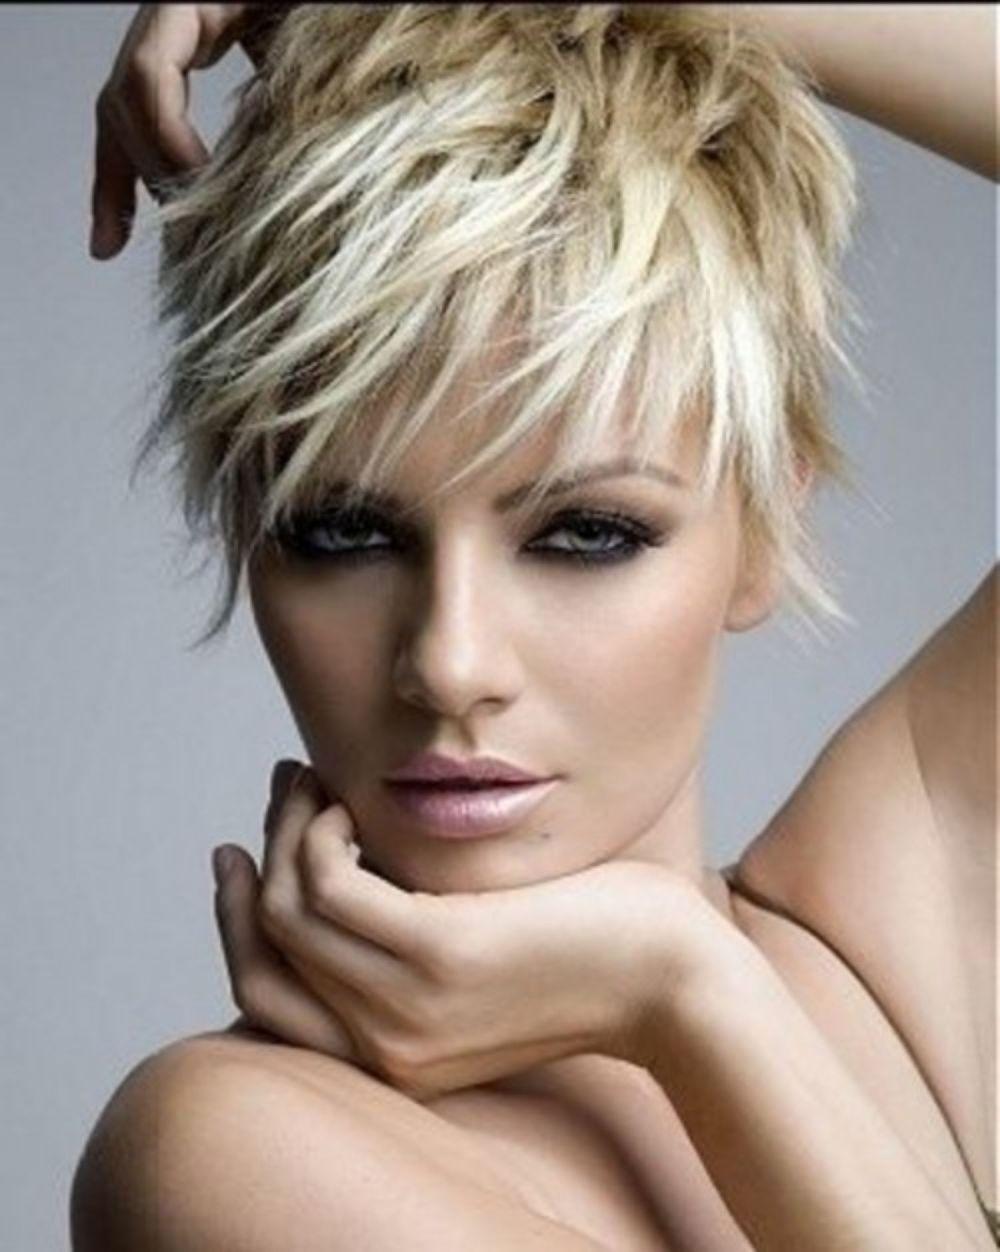 70 overwhelming ideas for short choppy haircuts | cute hair